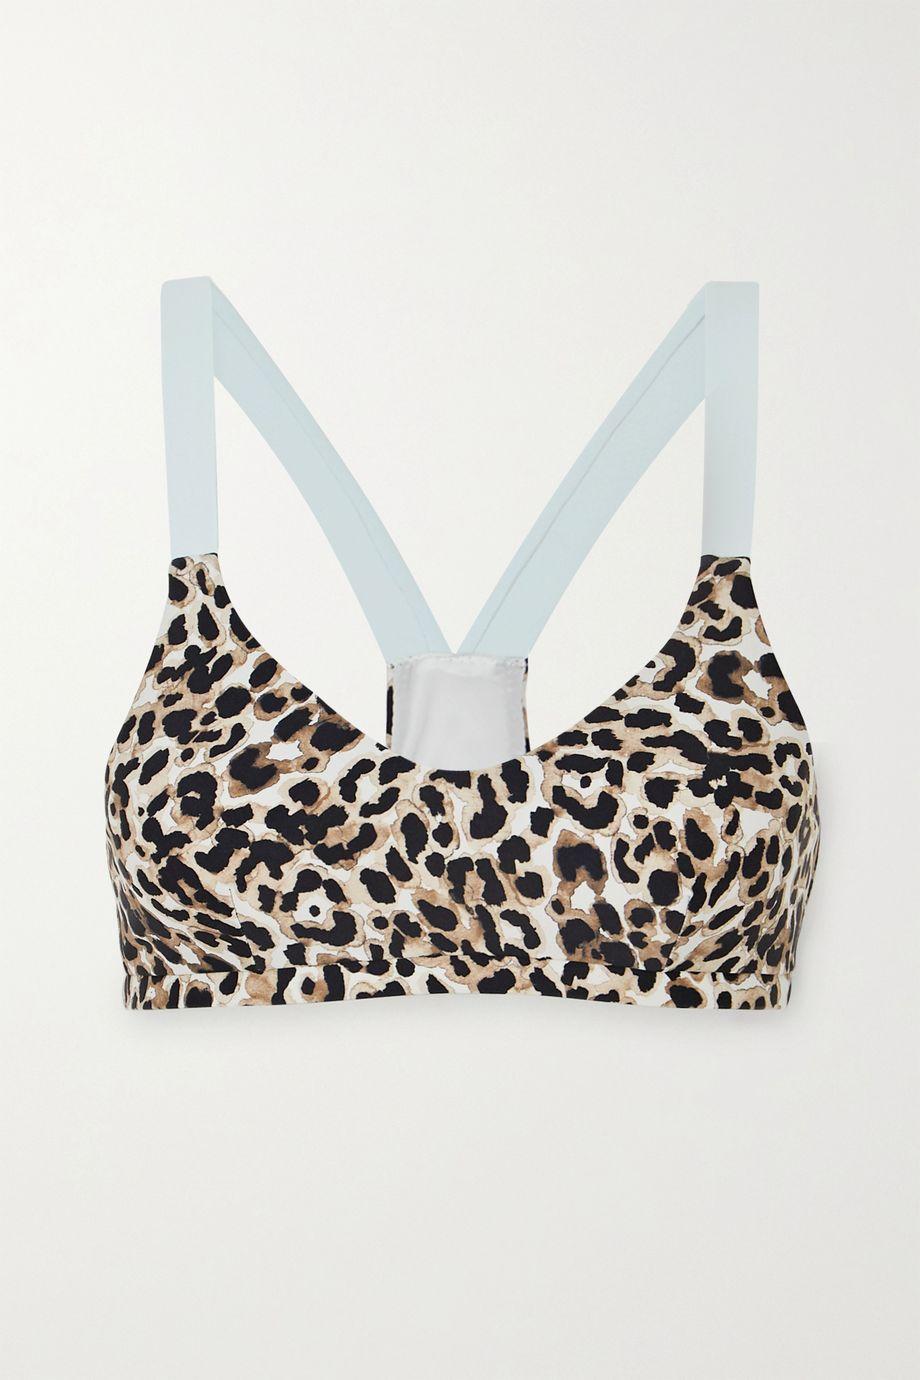 The Upside Water Leopard Larri printed stretch sports bra